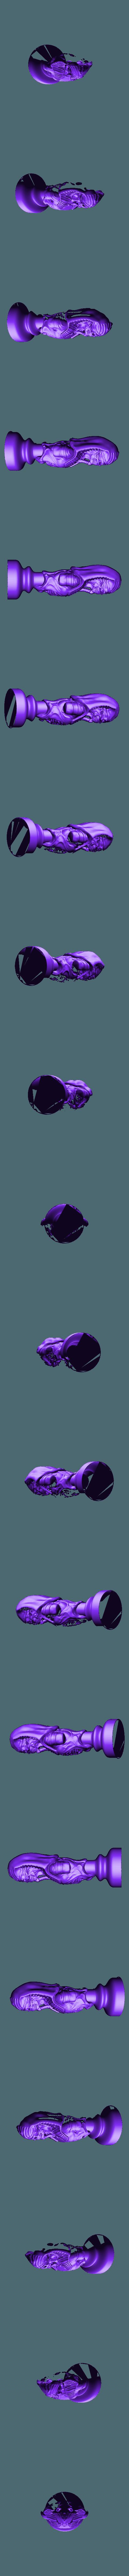 undead king.stl Télécharger fichier STL gratuit Les échecs égyptiens : vivants ou morts • Modèle à imprimer en 3D, MartinHaurane